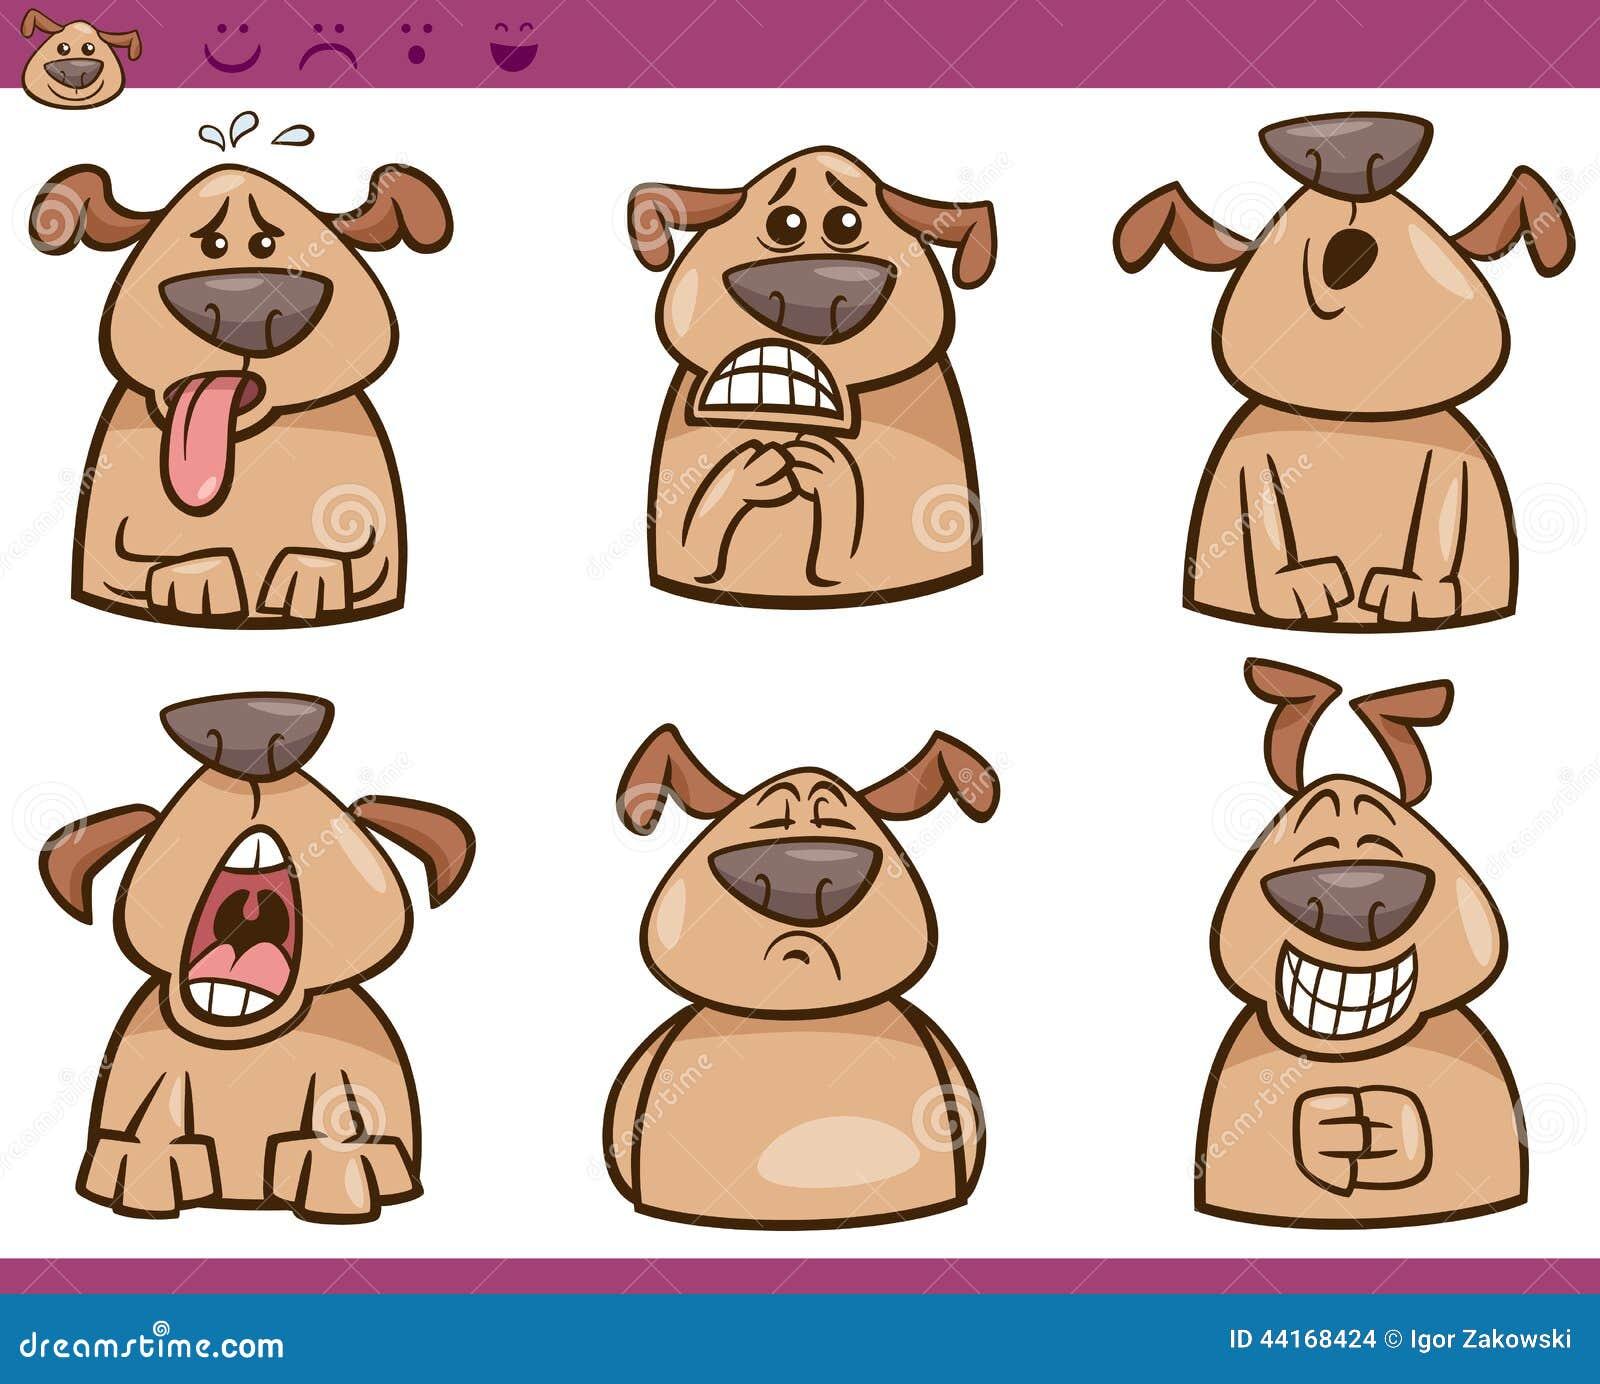 Cartoon emotions illustration vector